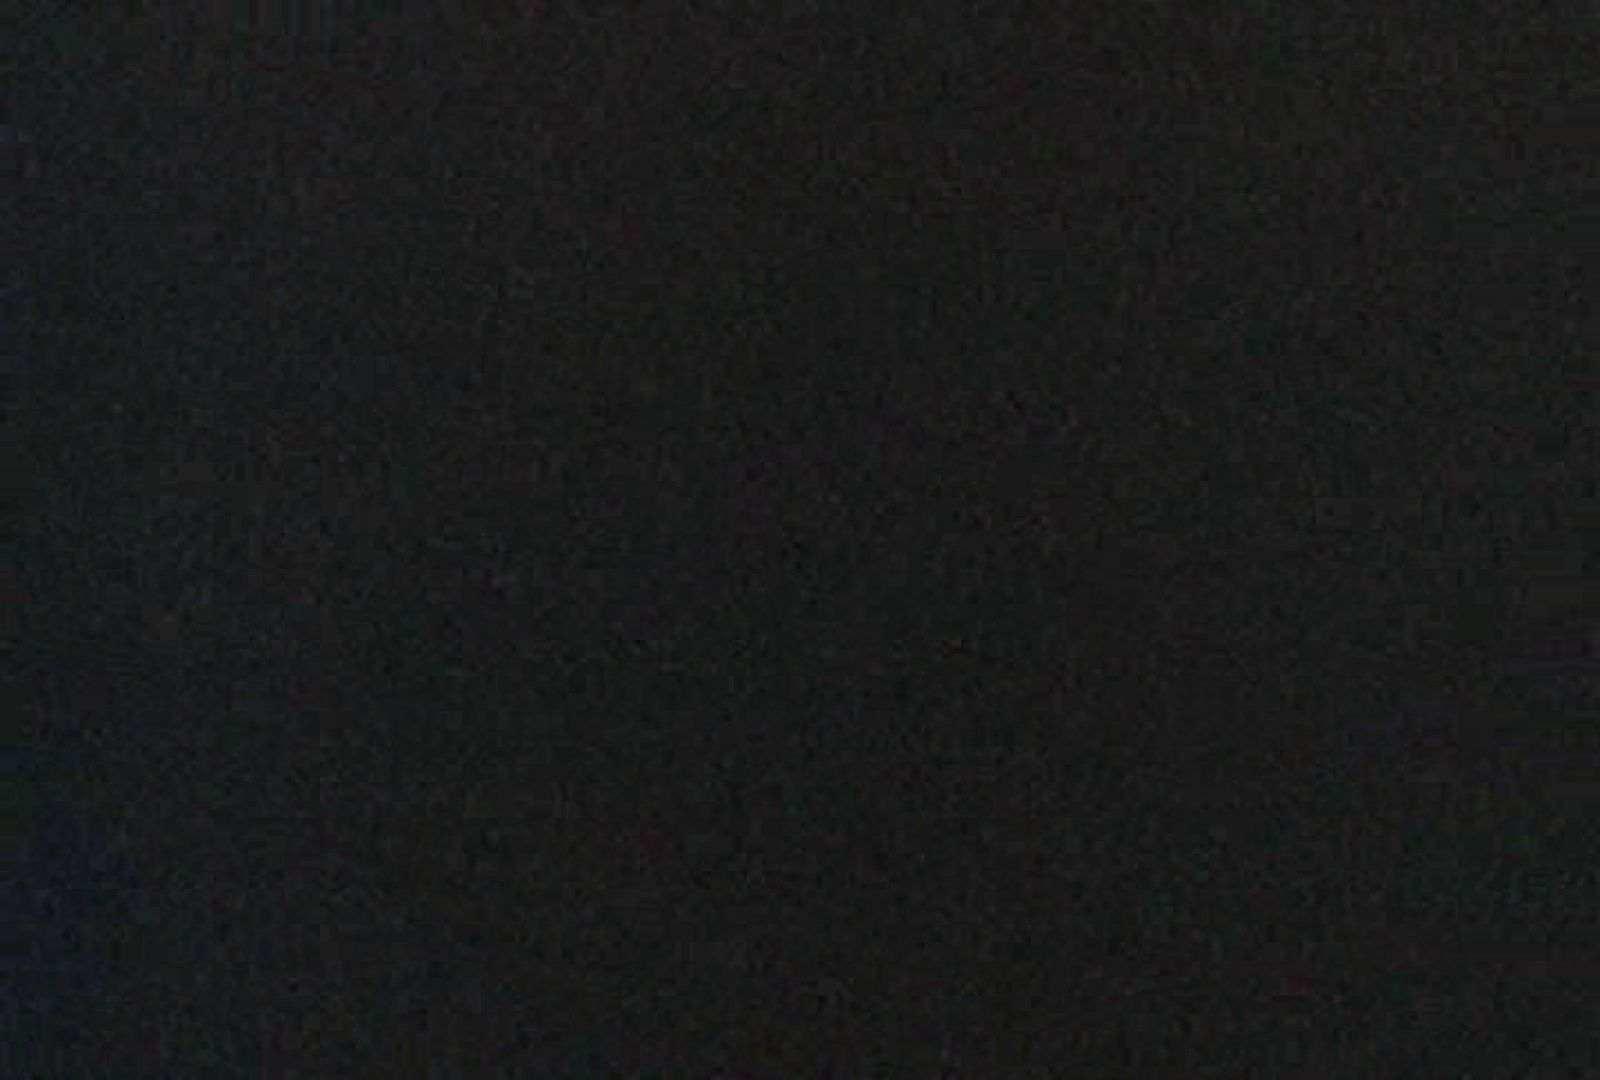 充血監督の深夜の運動会Vol.45 カーセックス  109枚 43